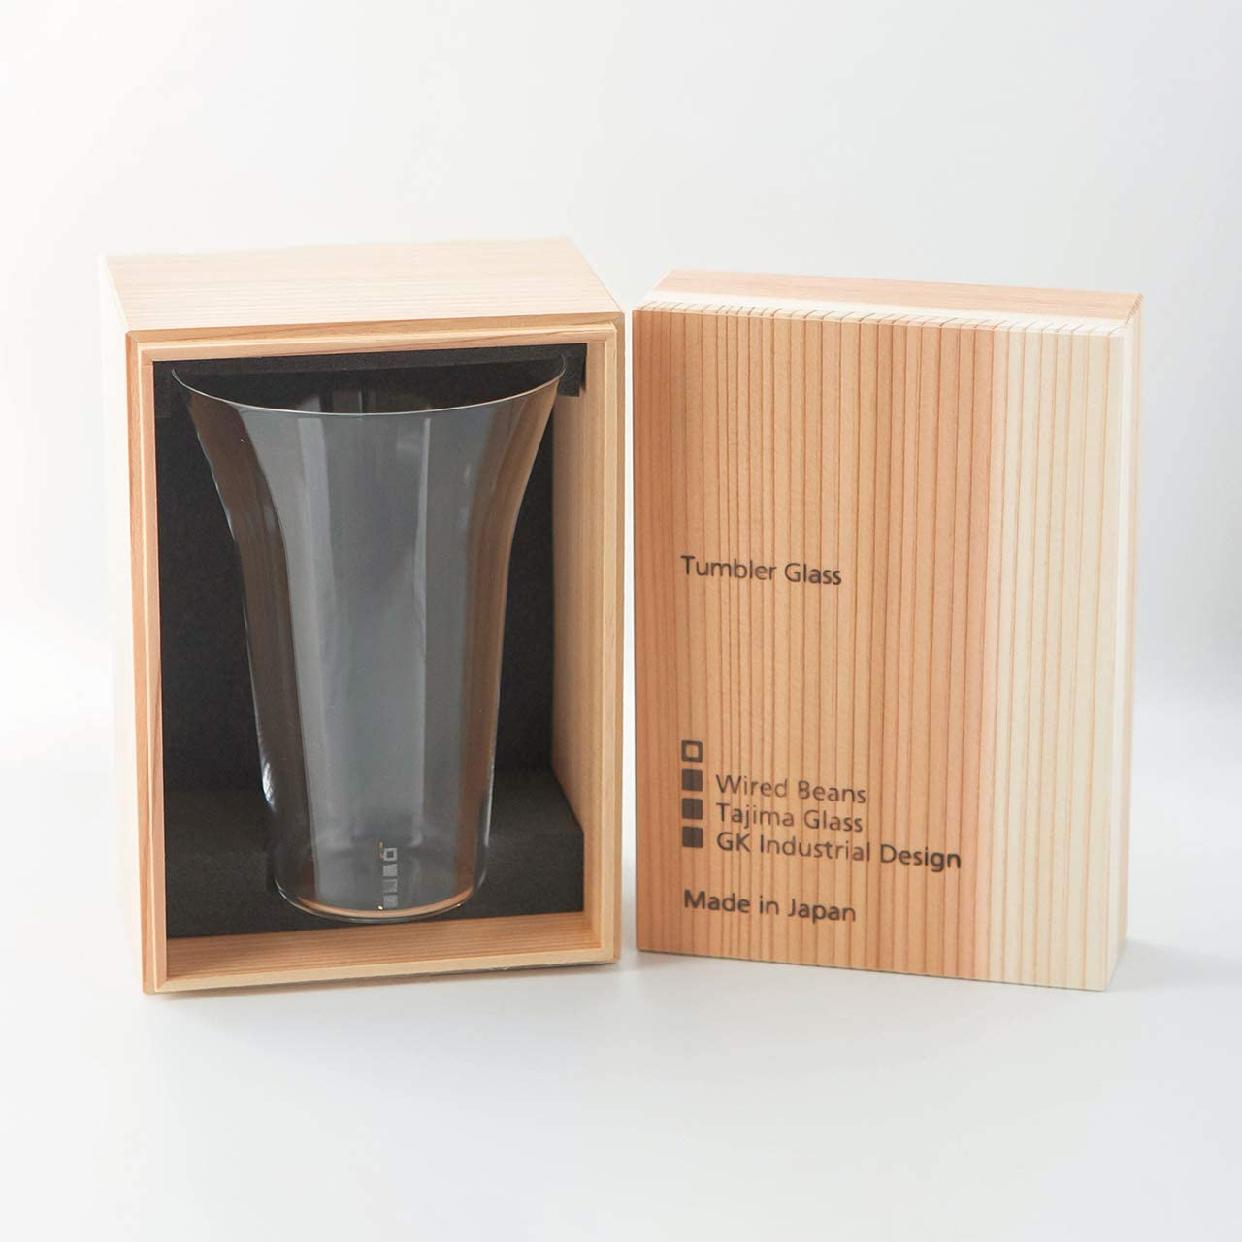 生涯を添い遂げるグラス タンブラー240 うす吹き トランスペアレント(透明)国産杉箱入りの商品画像2